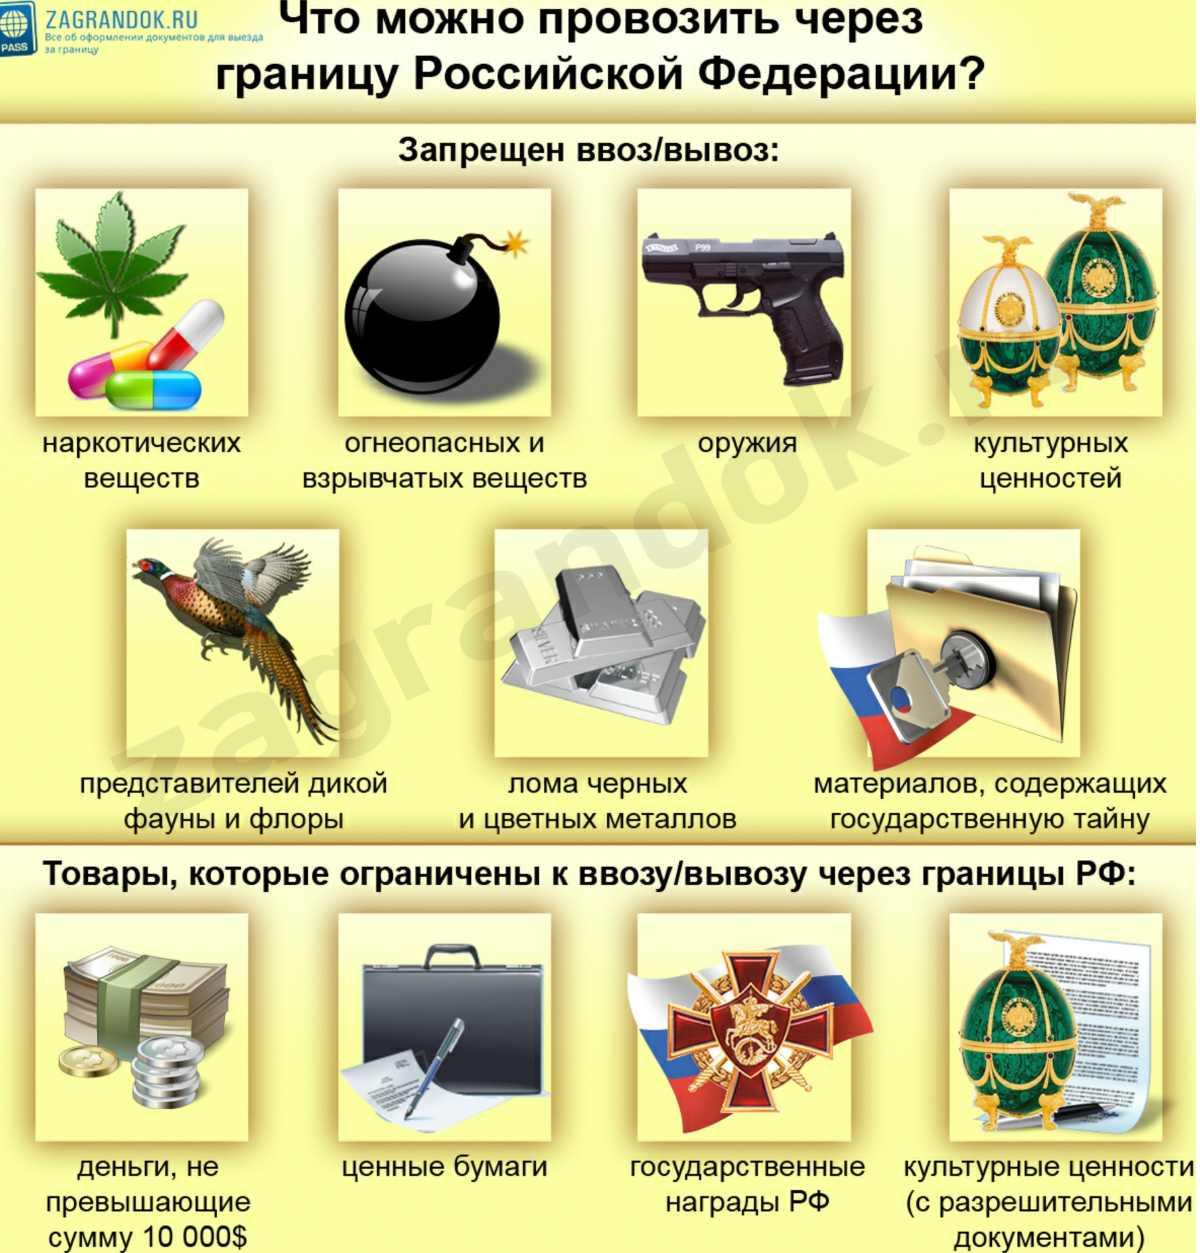 Провоз алкоголя через границу россии в 2021 году: сколько можно, правила